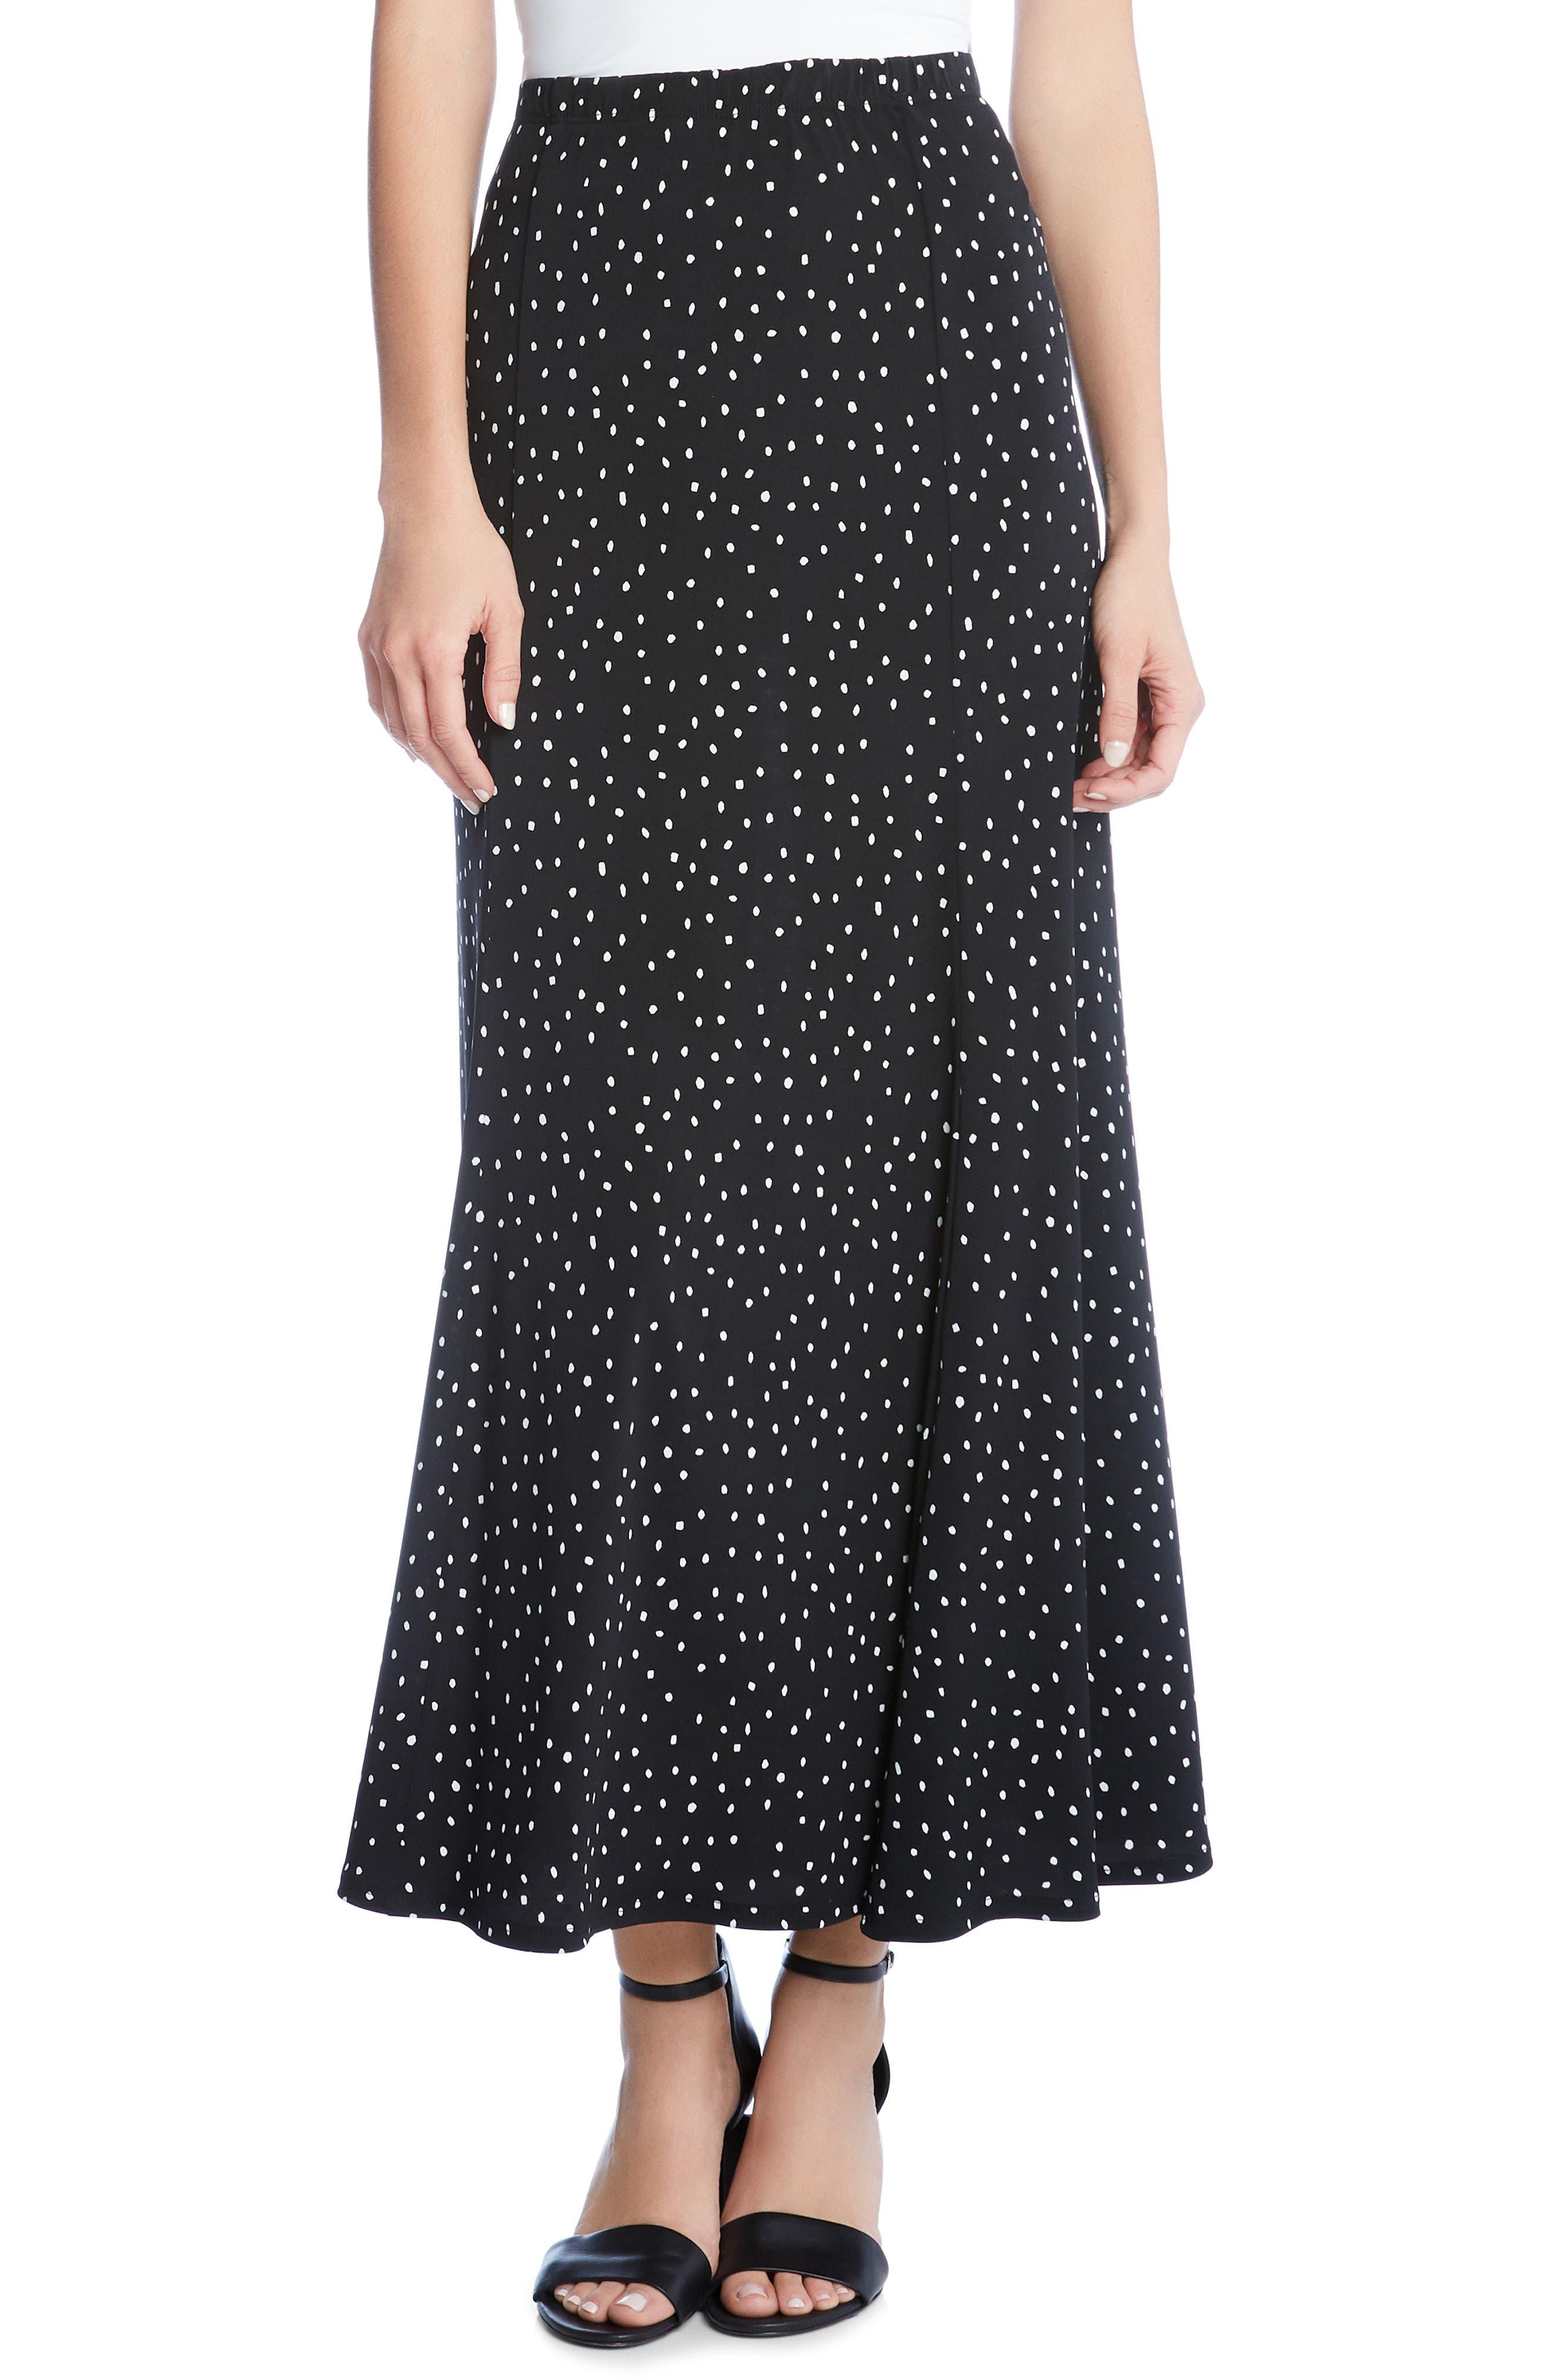 KAREN KANE Dot Maxi Skirt, Main, color, 001